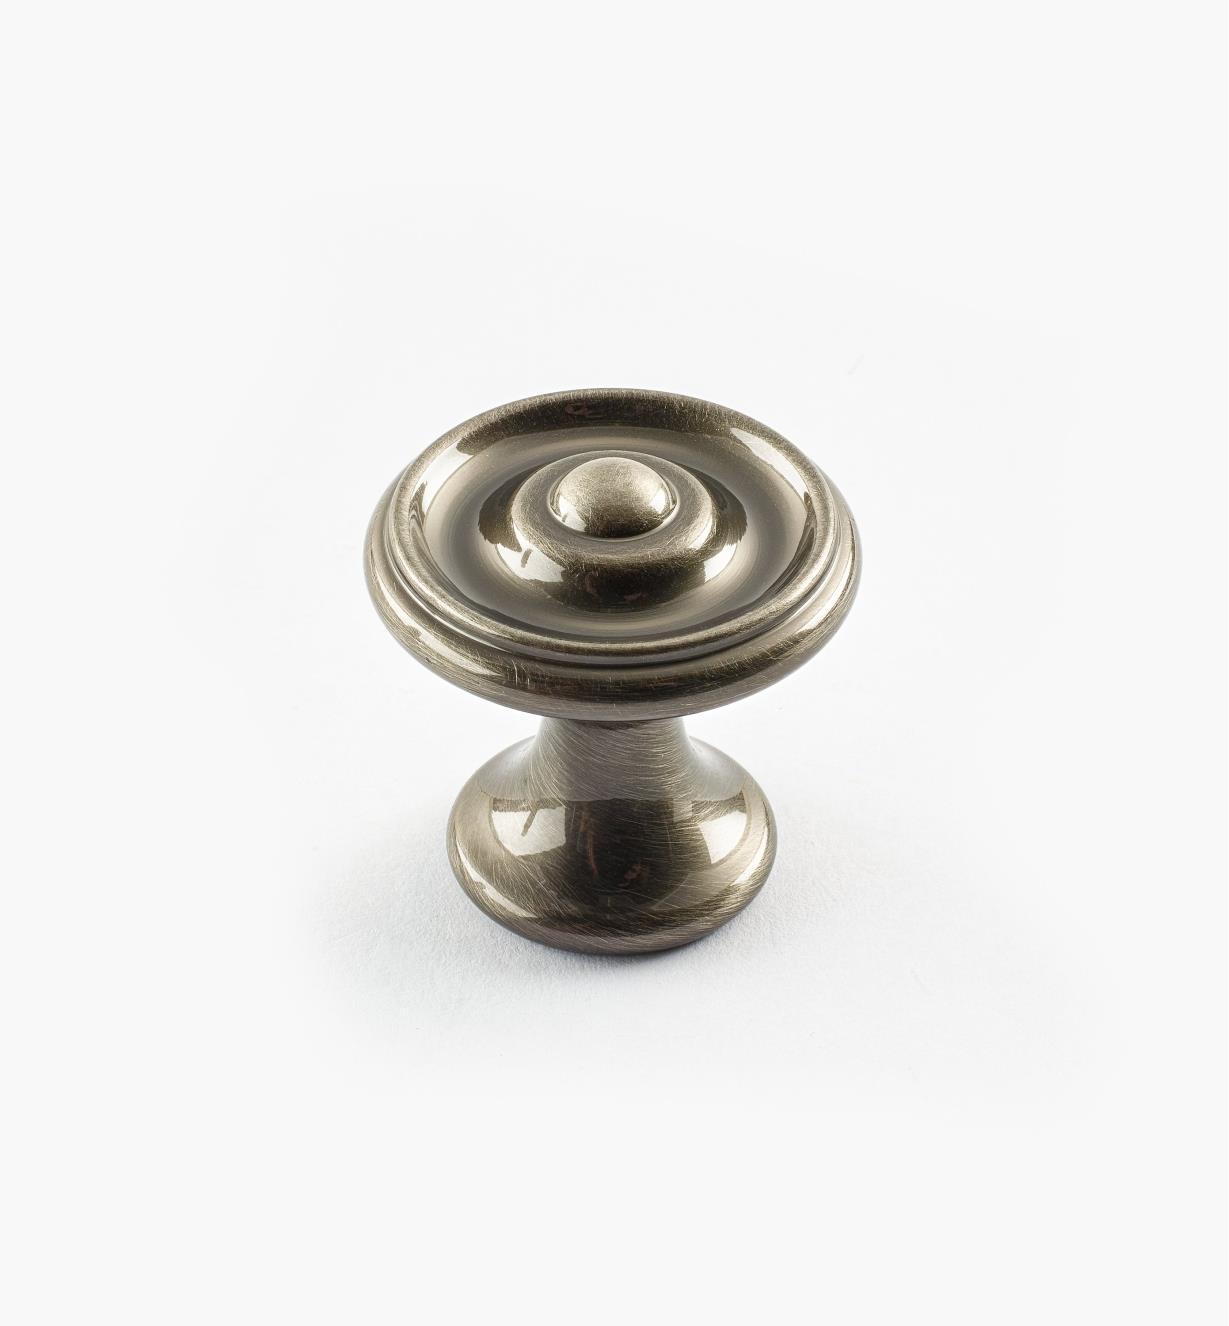 02W3301 - Bouton à bosselure centrale de 1 1/8 po x 1 1/8 po, série Nickel antique, laiton tourné